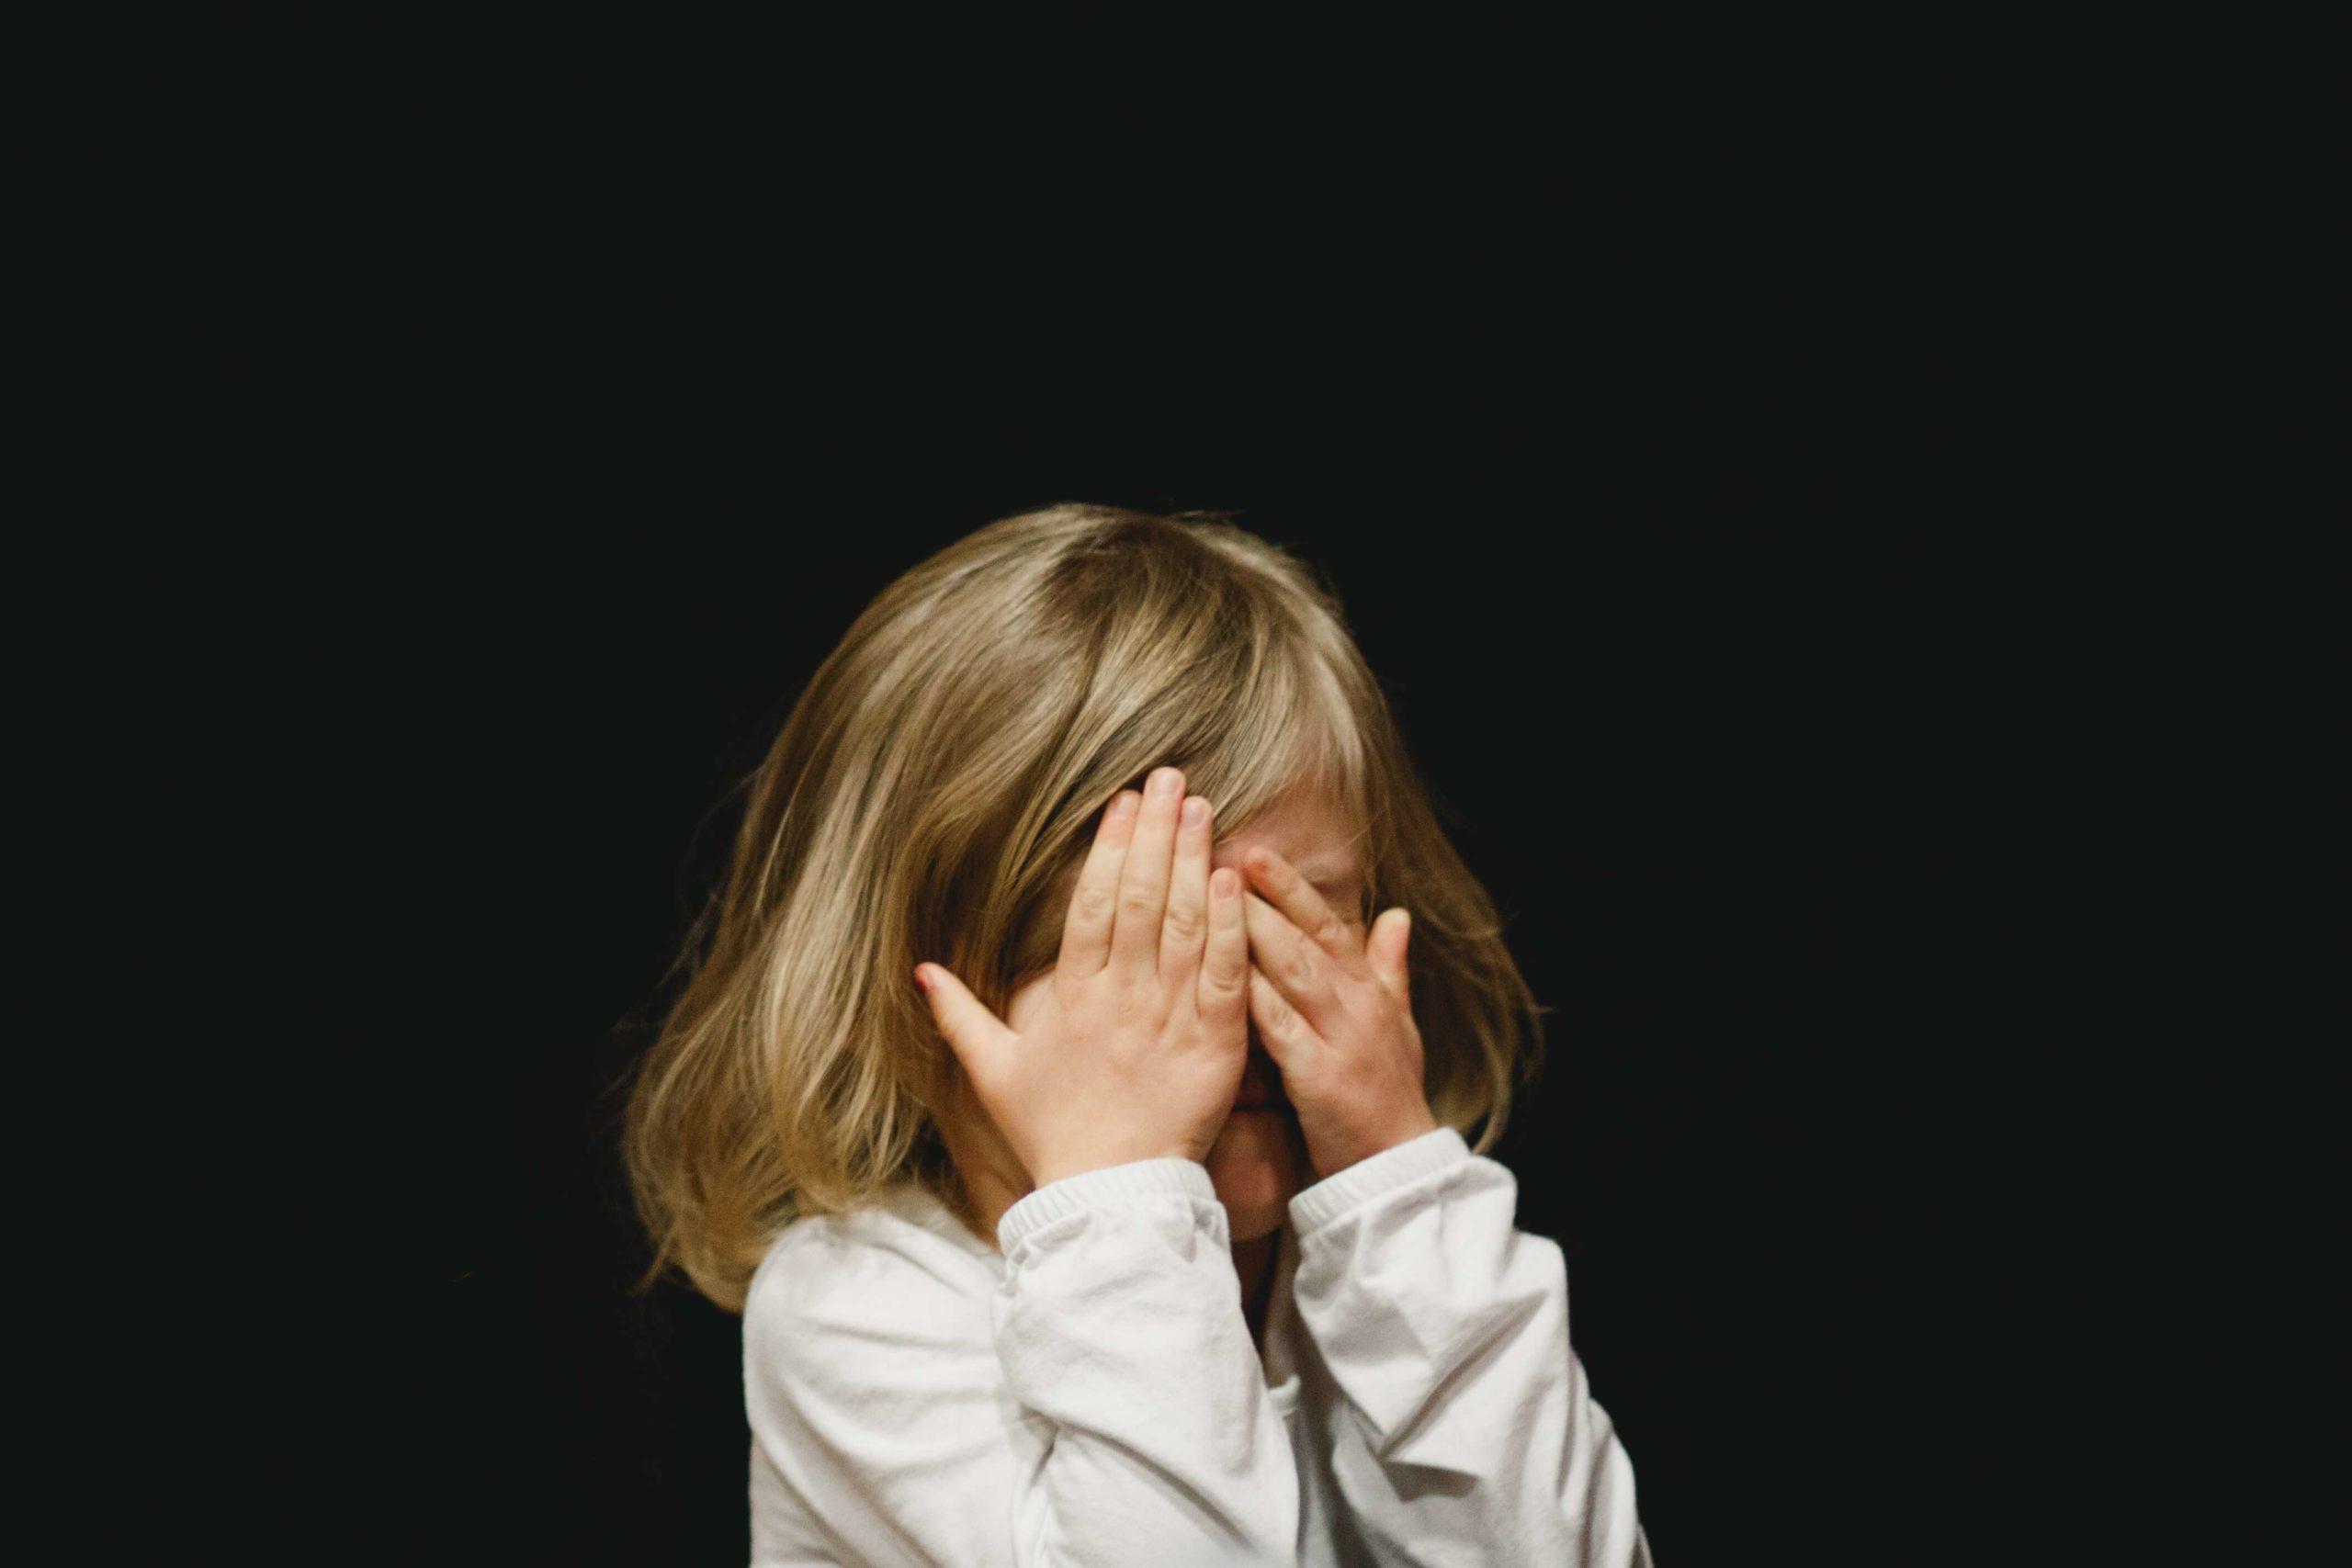 enfant hypersensible et anxieuse qui se cache